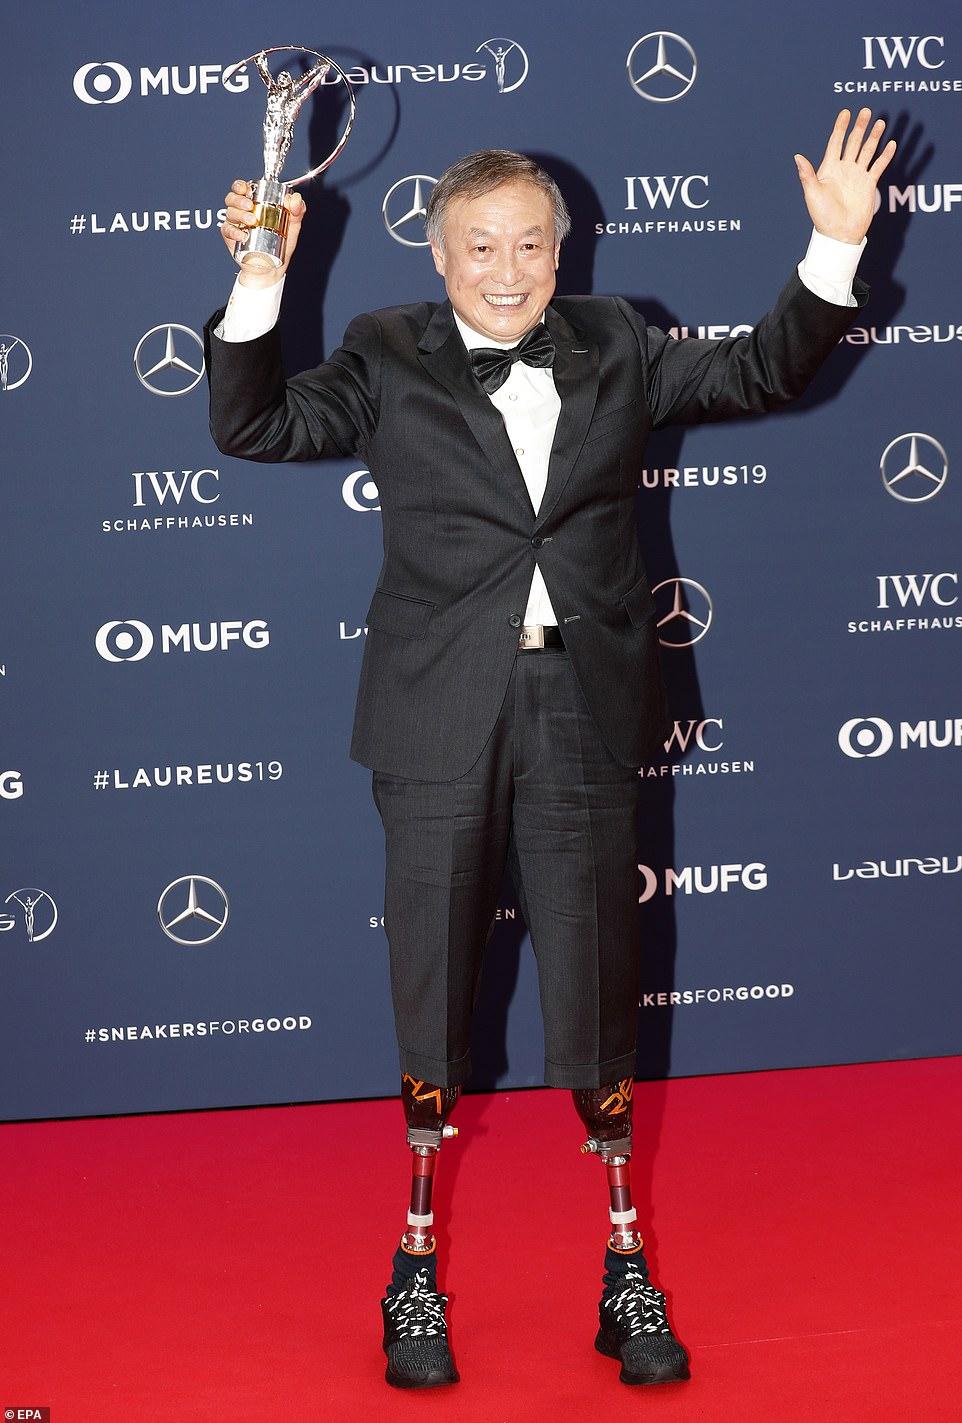 中国第一位靠假肢登上珠峰的登山家夏伯渝出席颁奖典礼.jpg